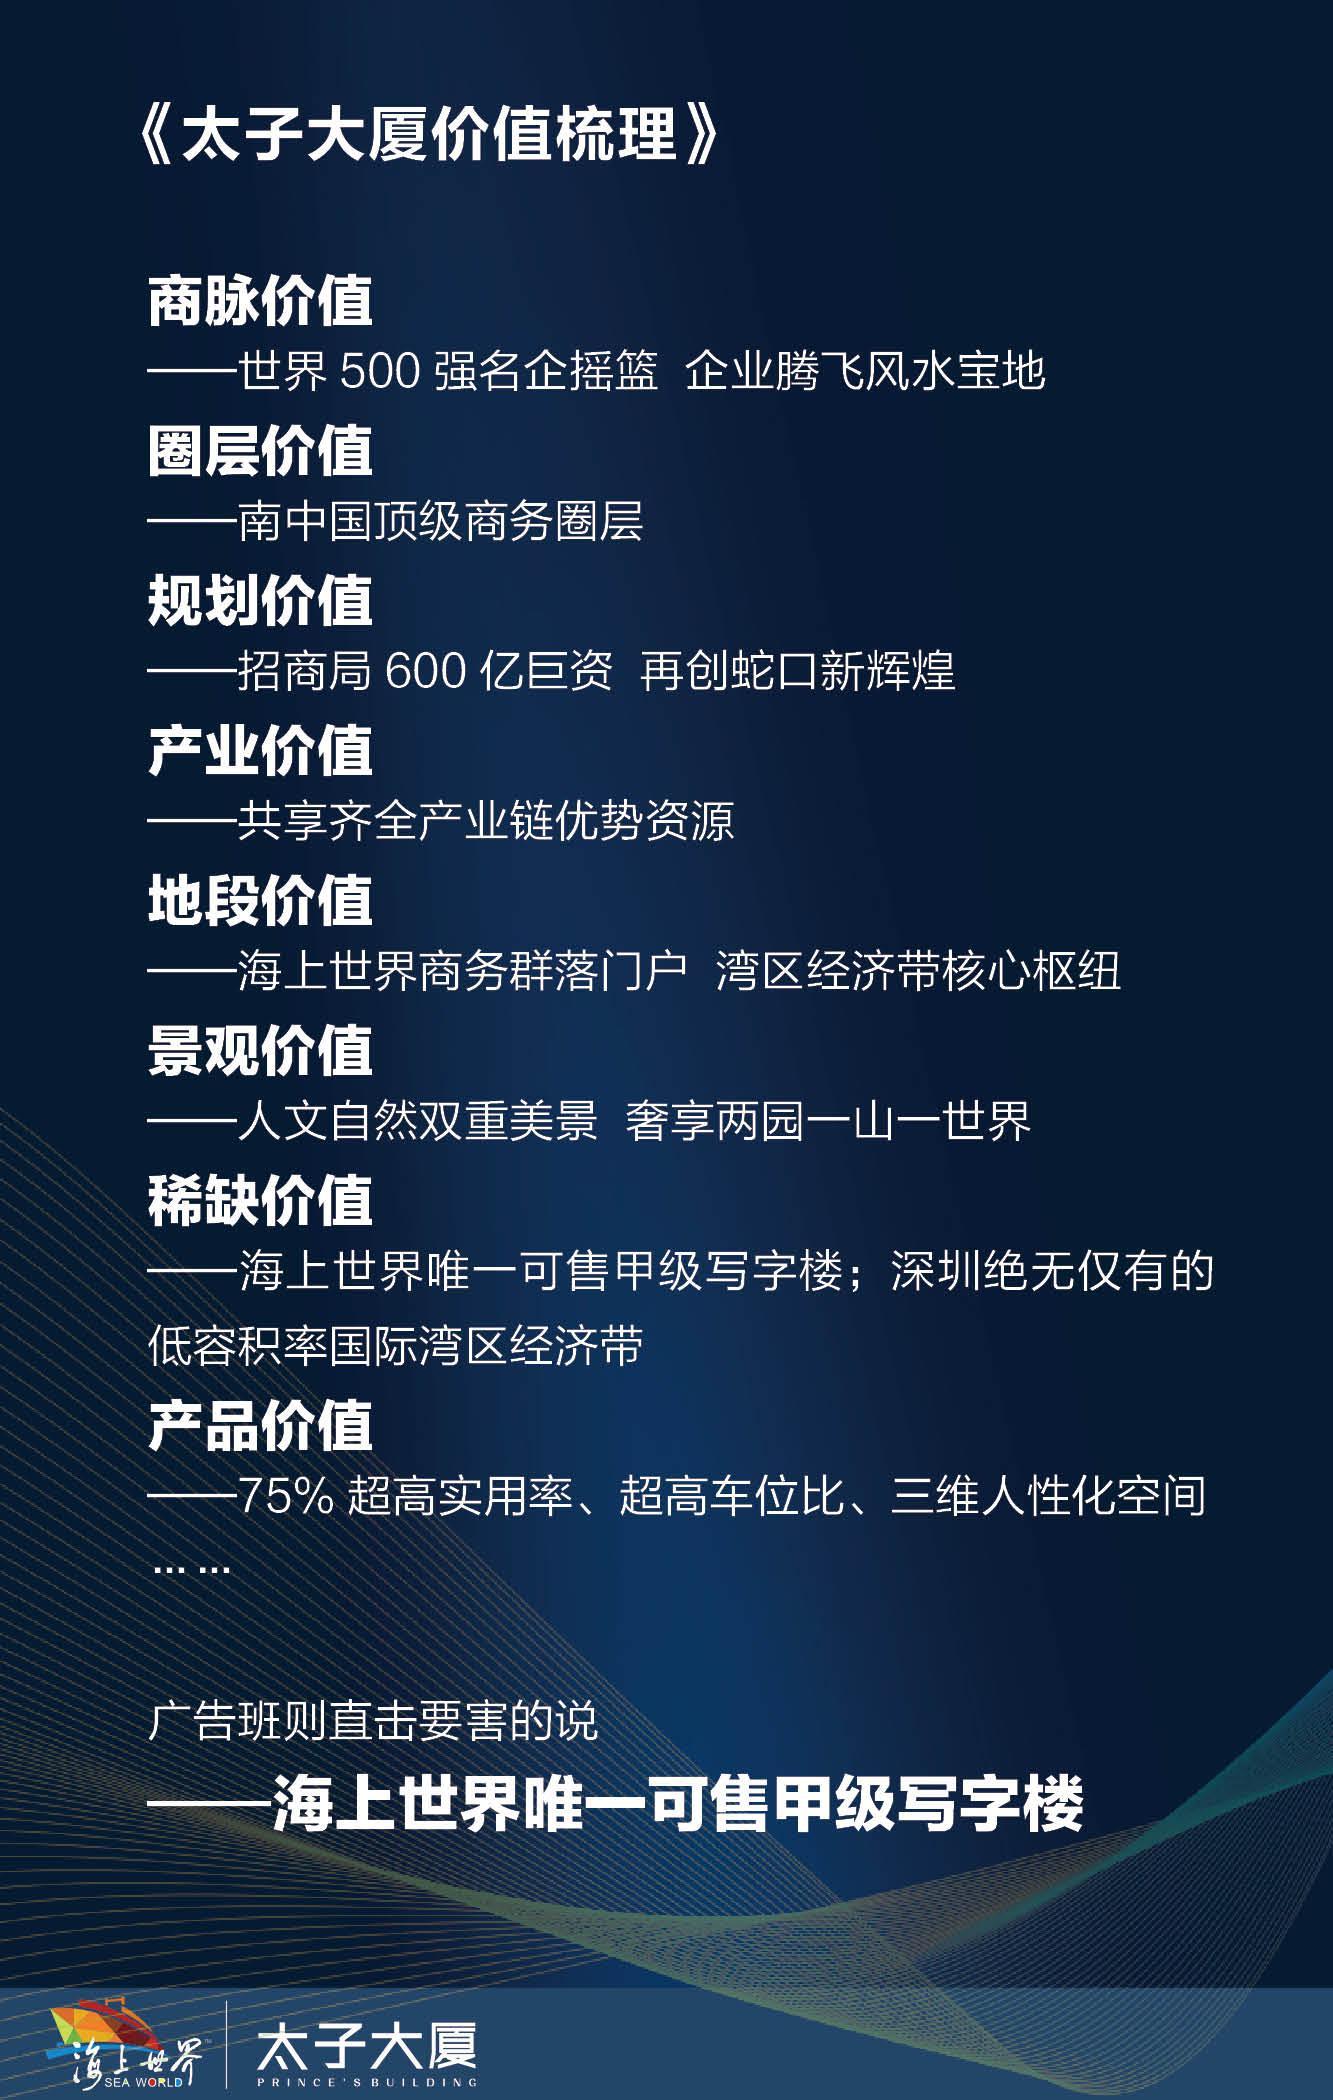 """业主论坛 招商局国际大厦  > 太子大厦印象 创意在于""""折腾"""" 蛇口poca"""